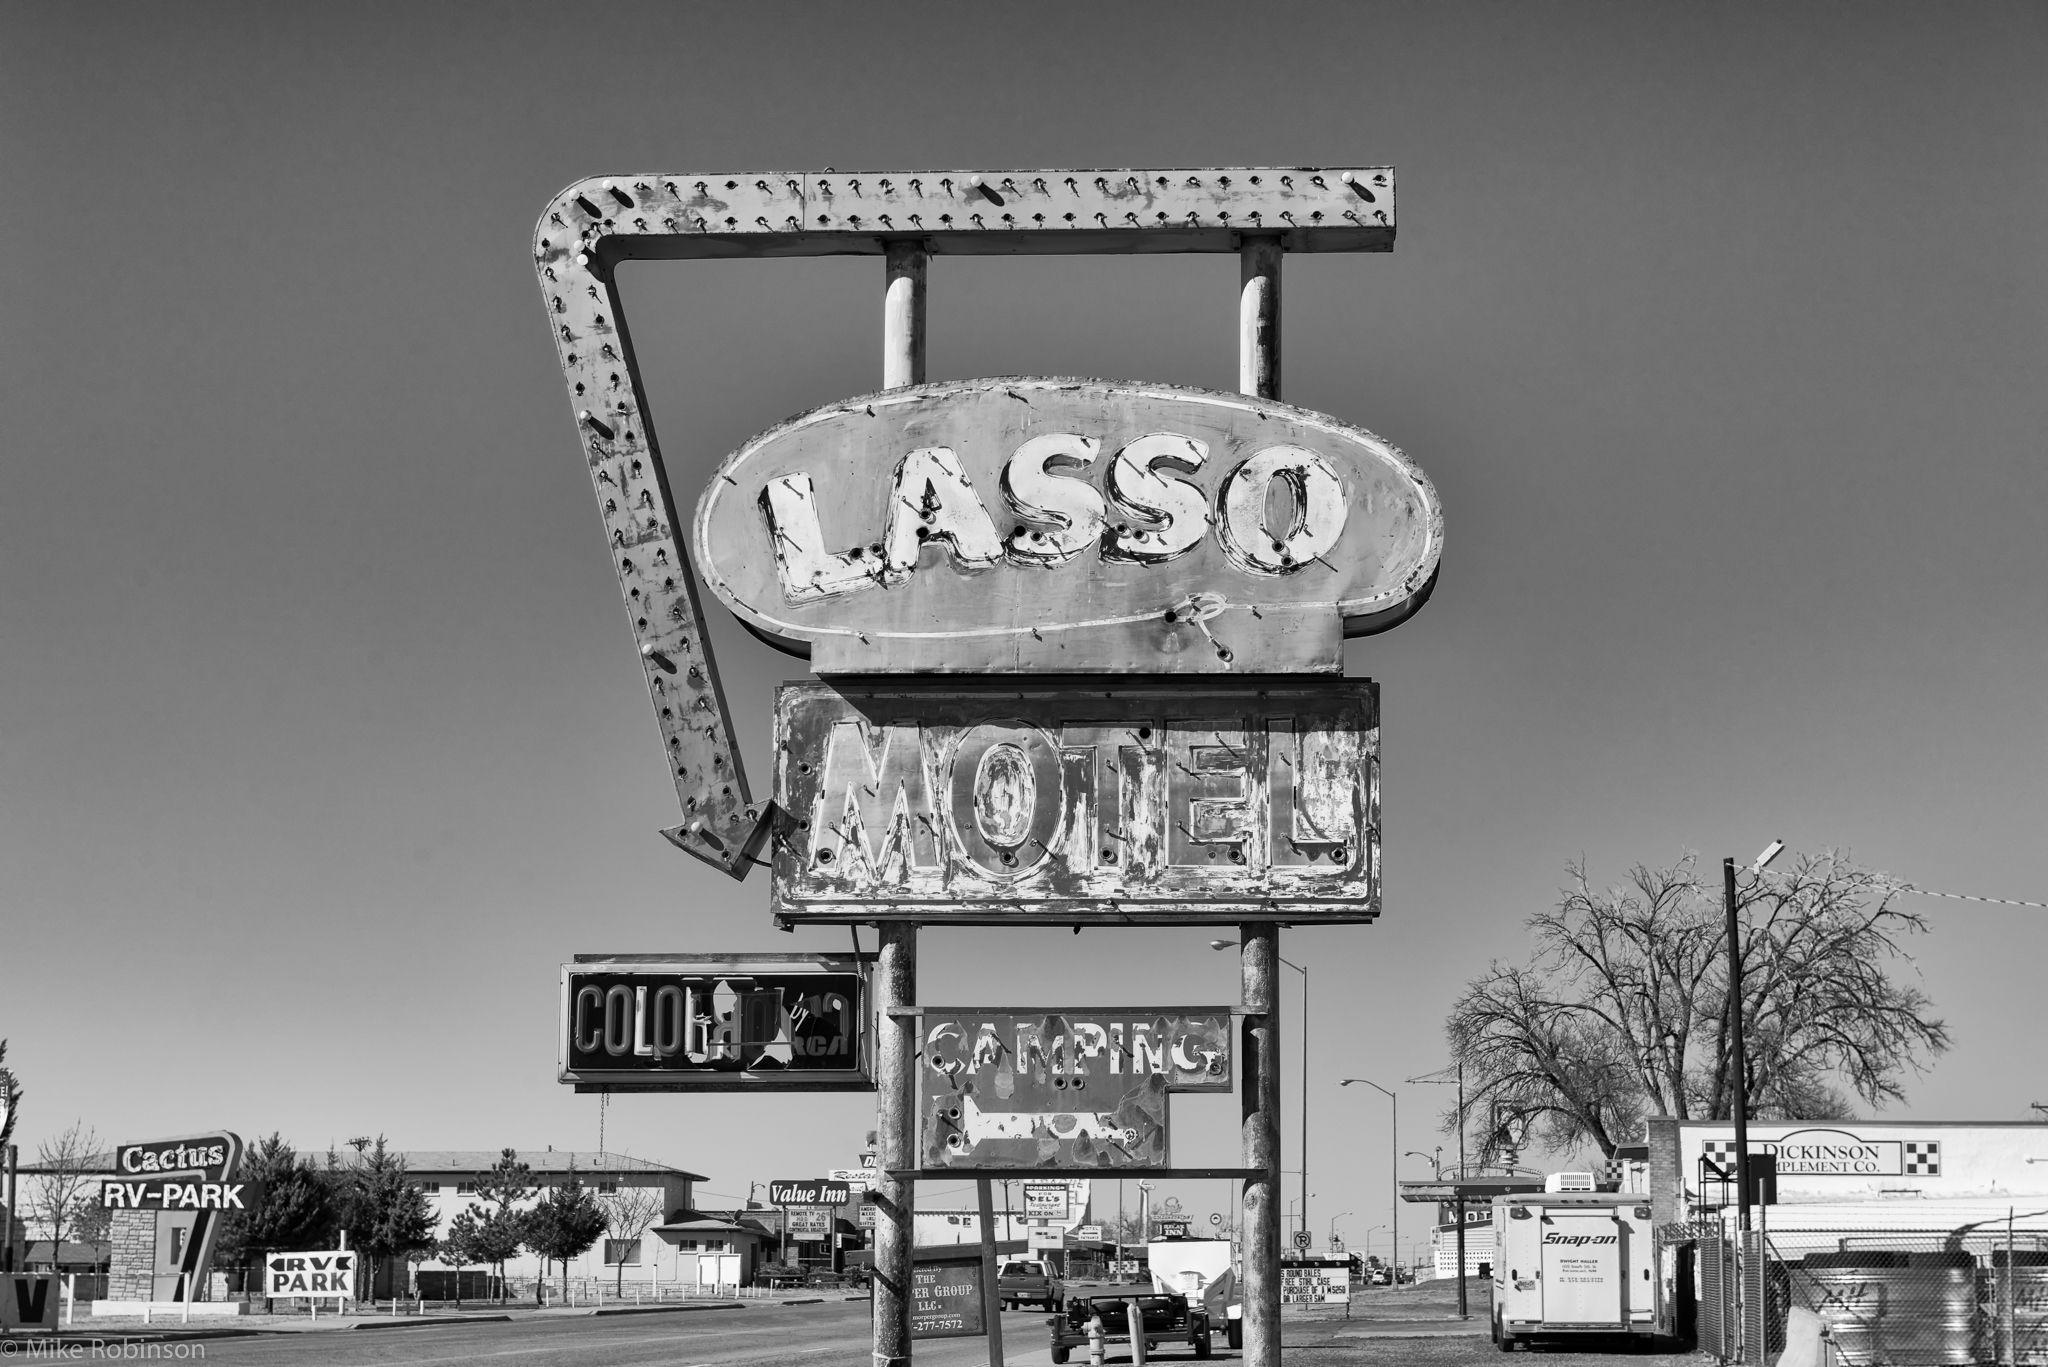 Lasso Motel San Jon